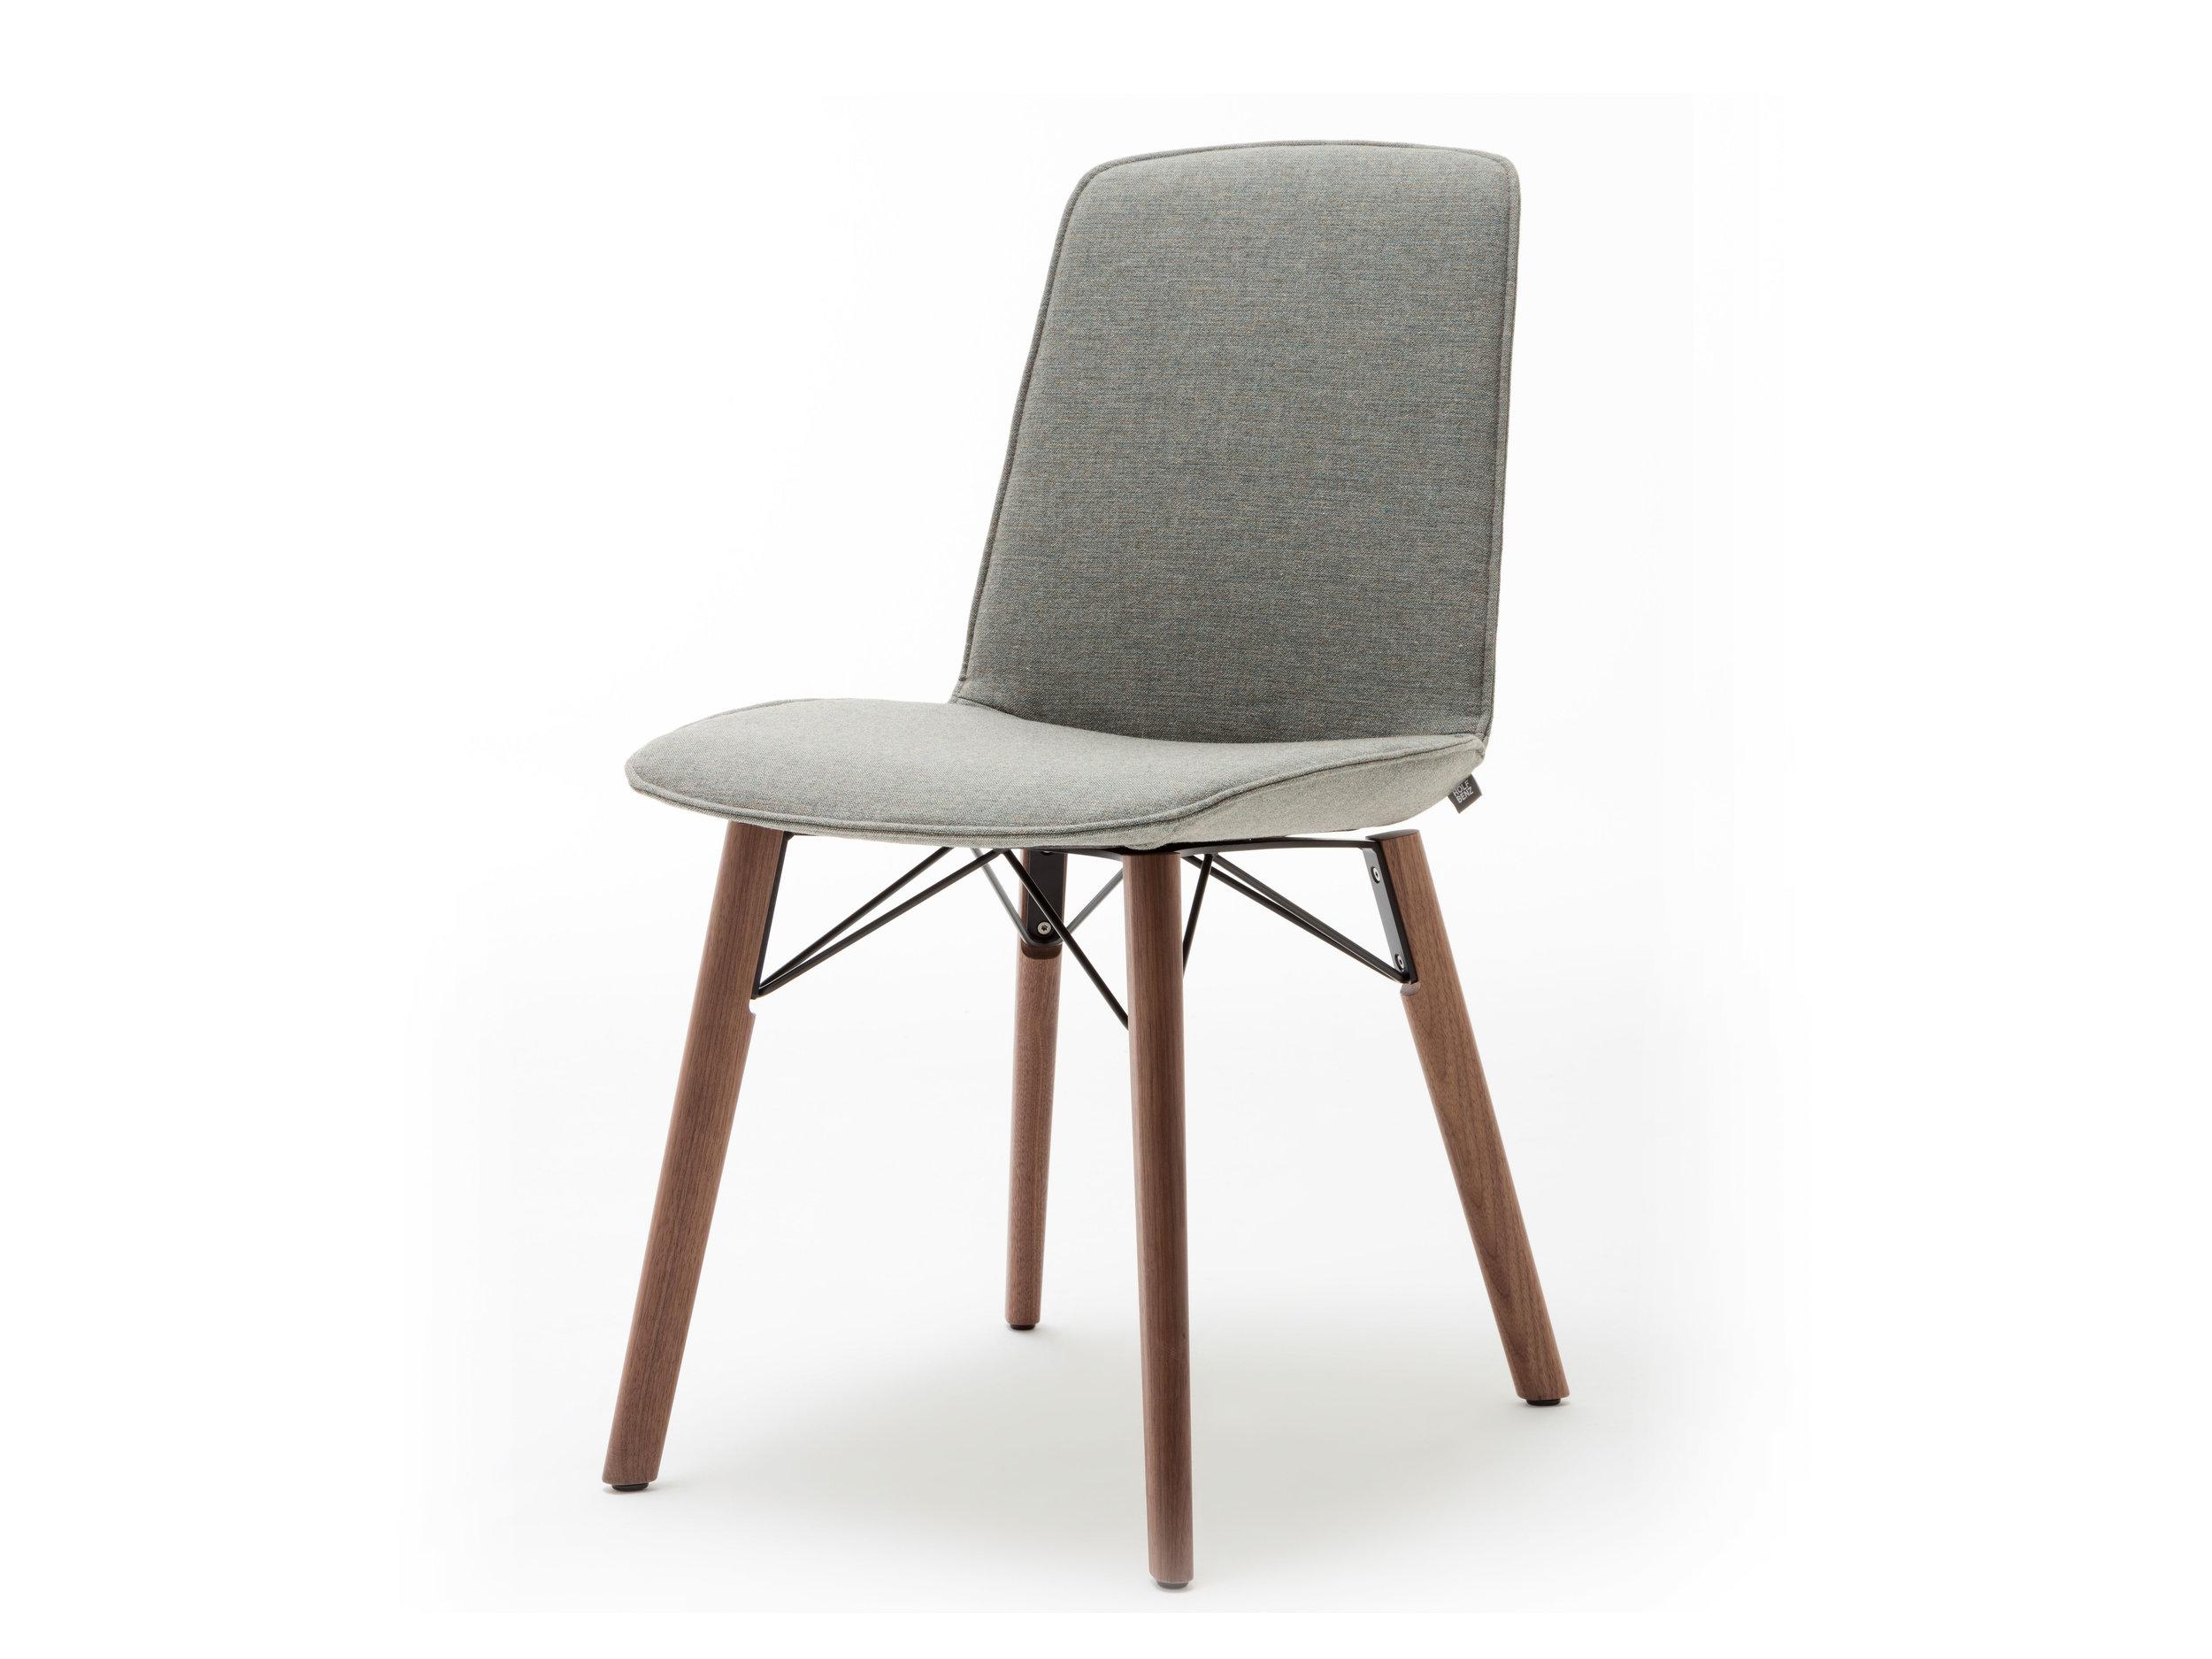 Rolf-Benz-616-Chair-Johannes-Steinbauer-Office-for-Design-2.jpg